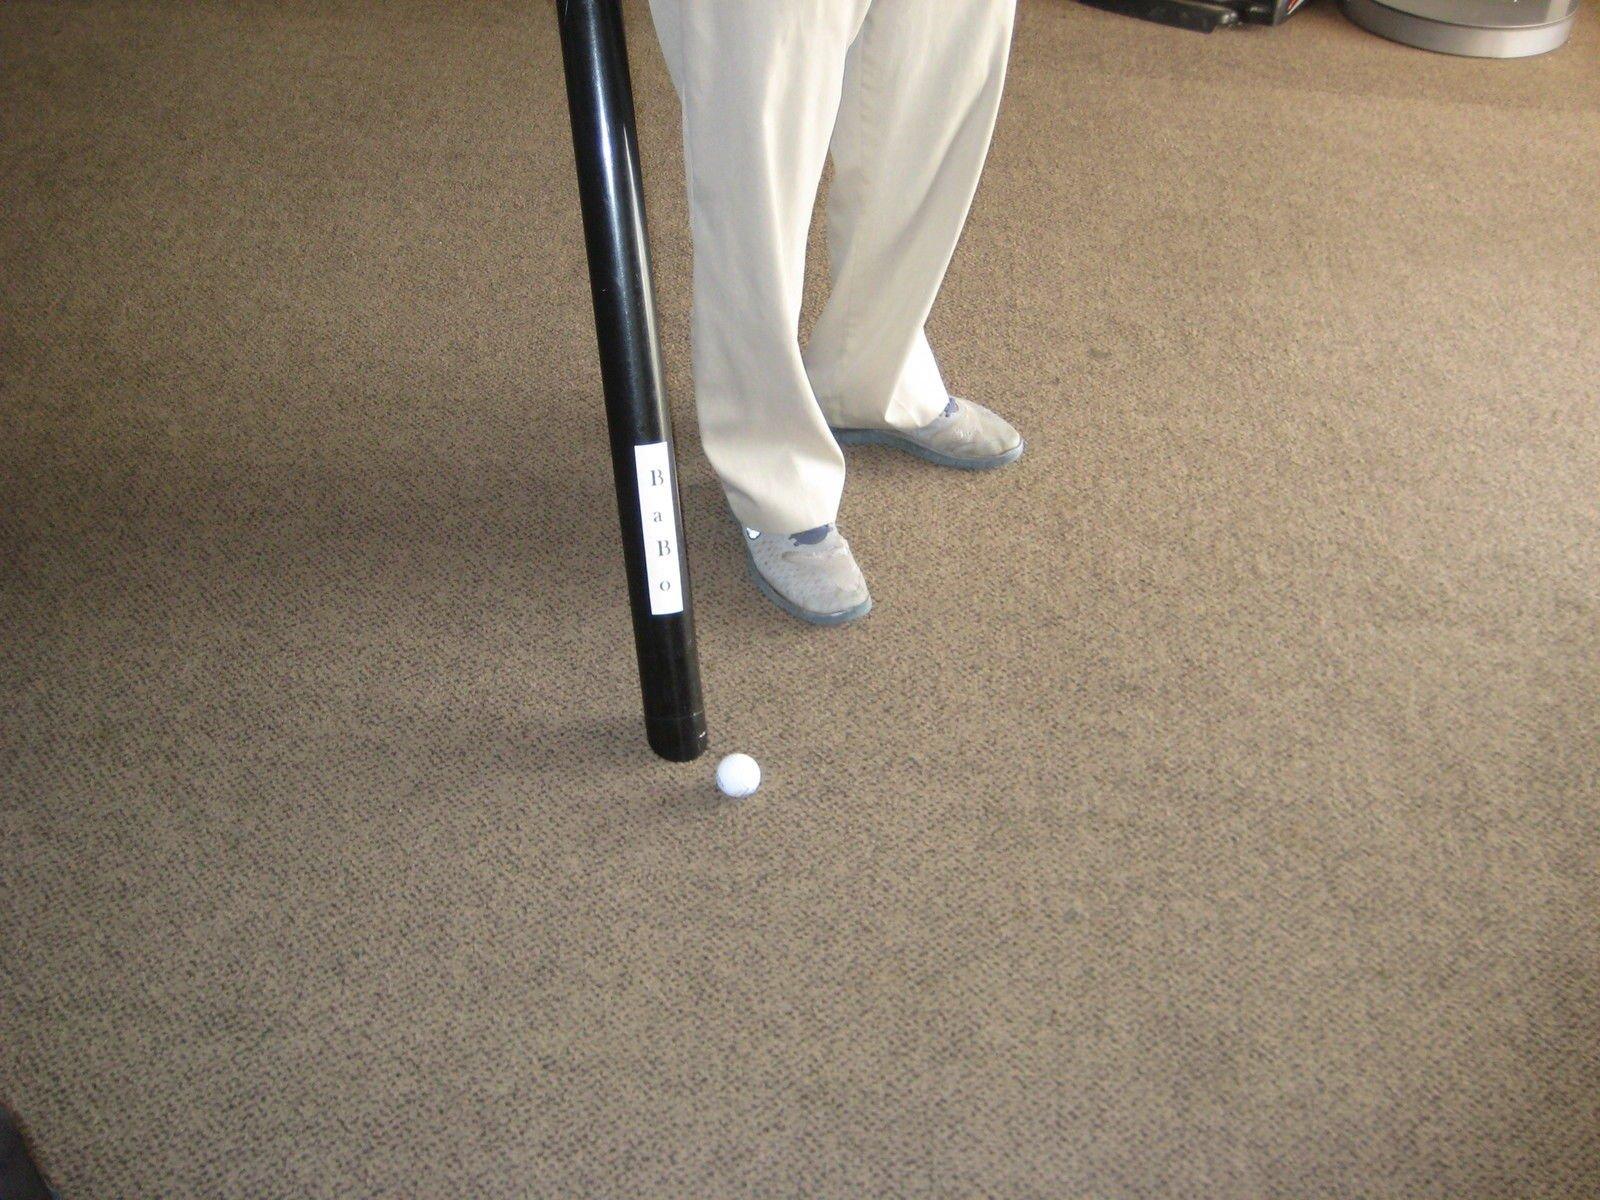 BaBo G, 48'' long, Golf ball boy picker upper collector retriever tube unique gift